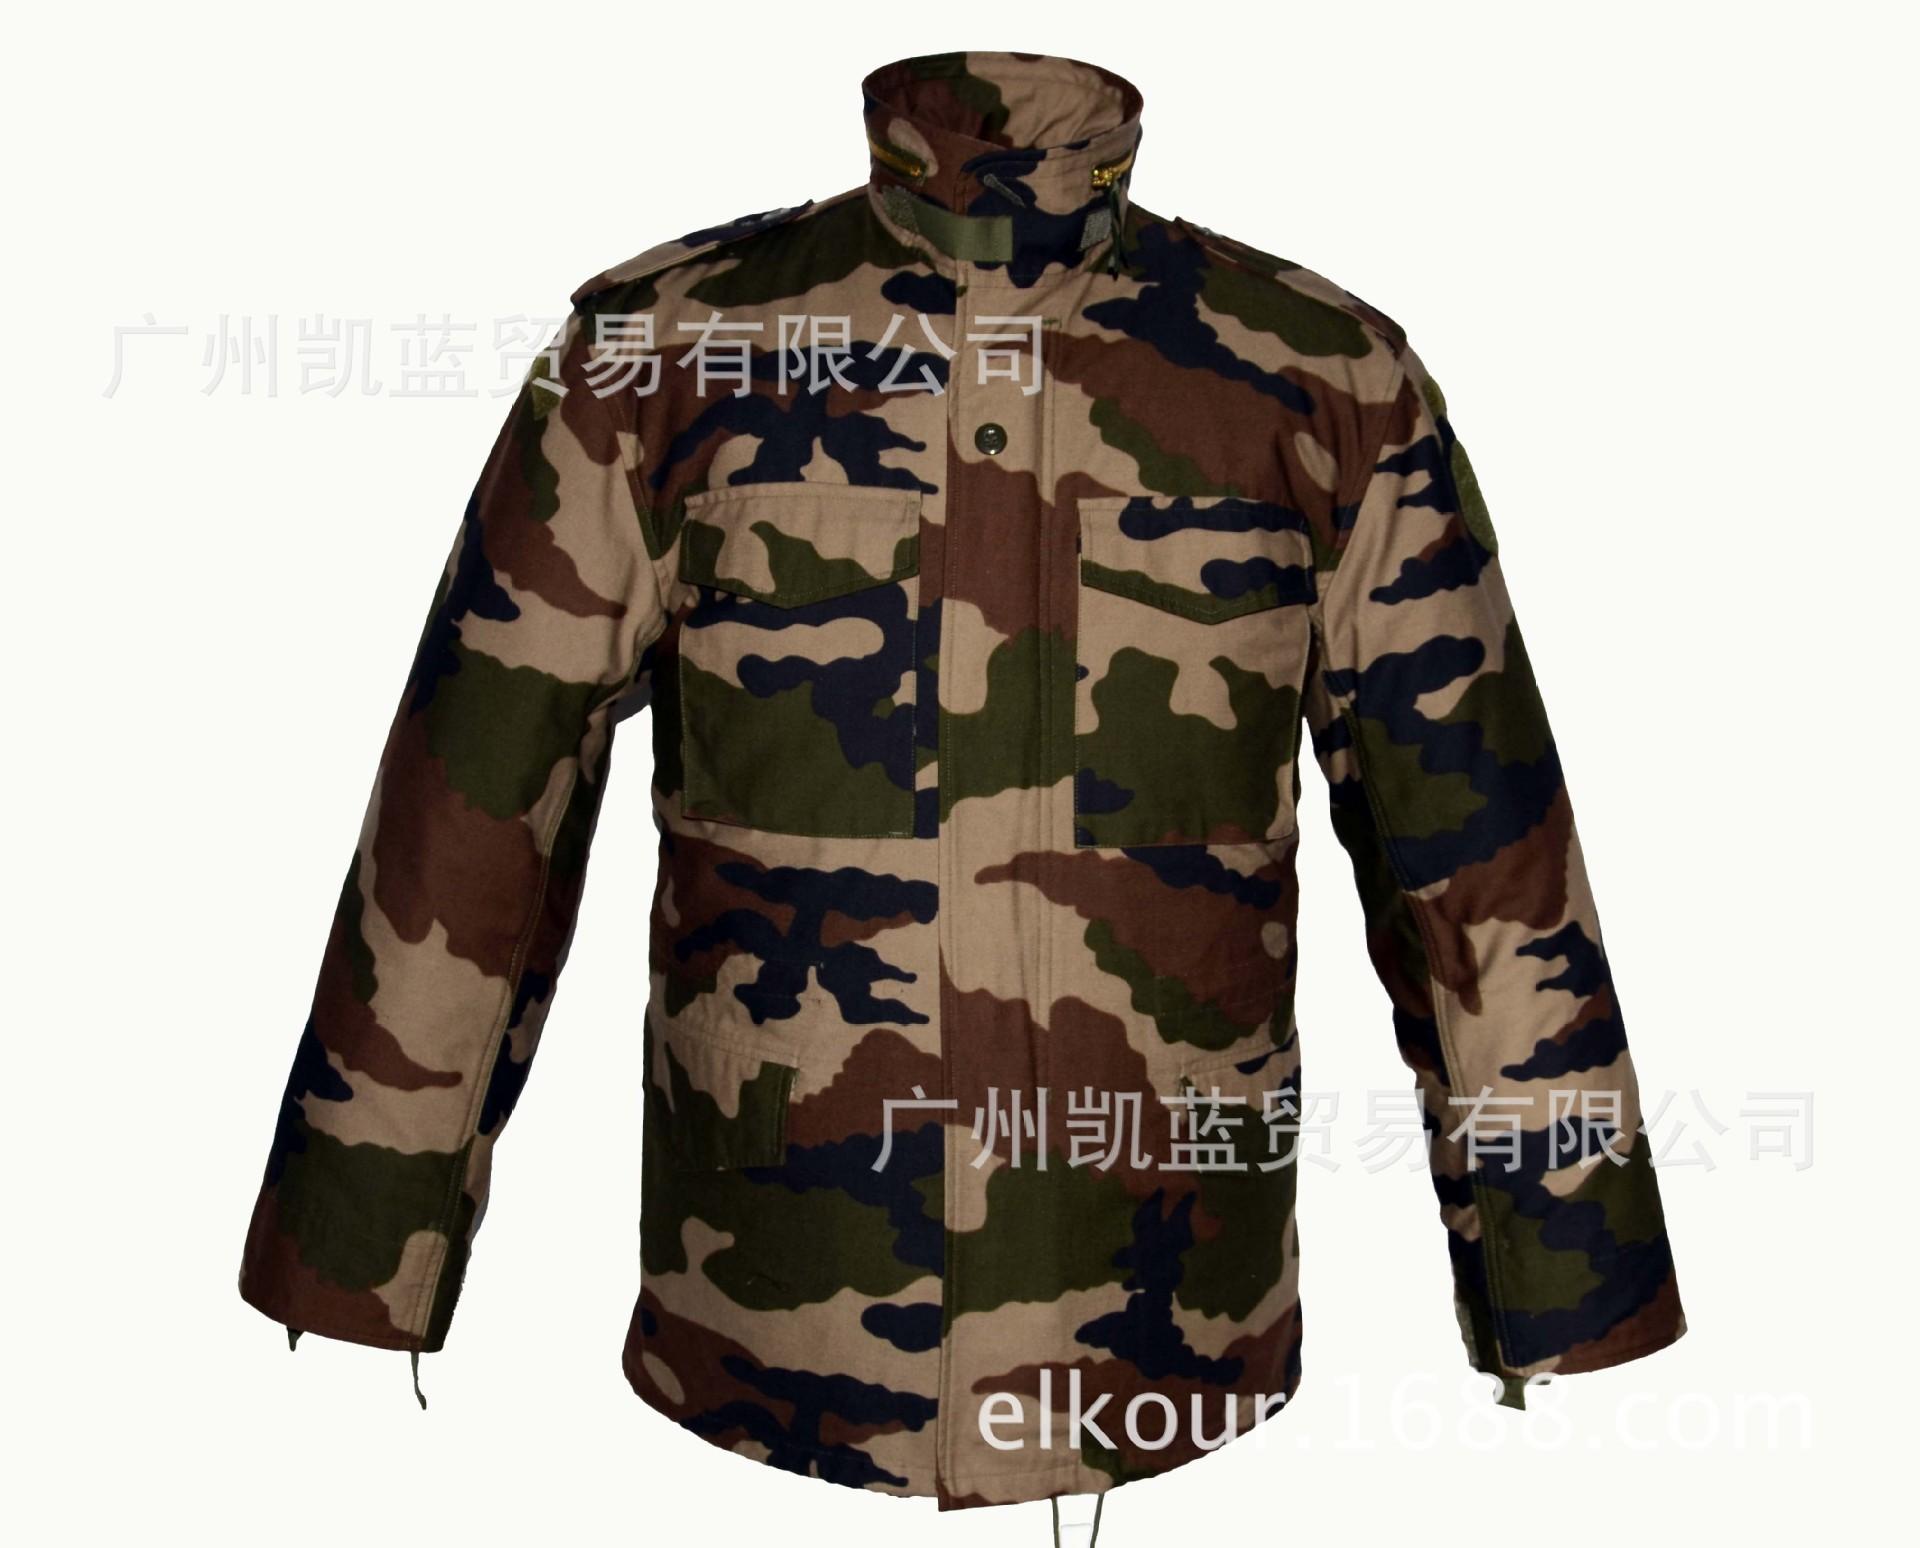 厂家直销批发丛林迷彩M65夹克可定制